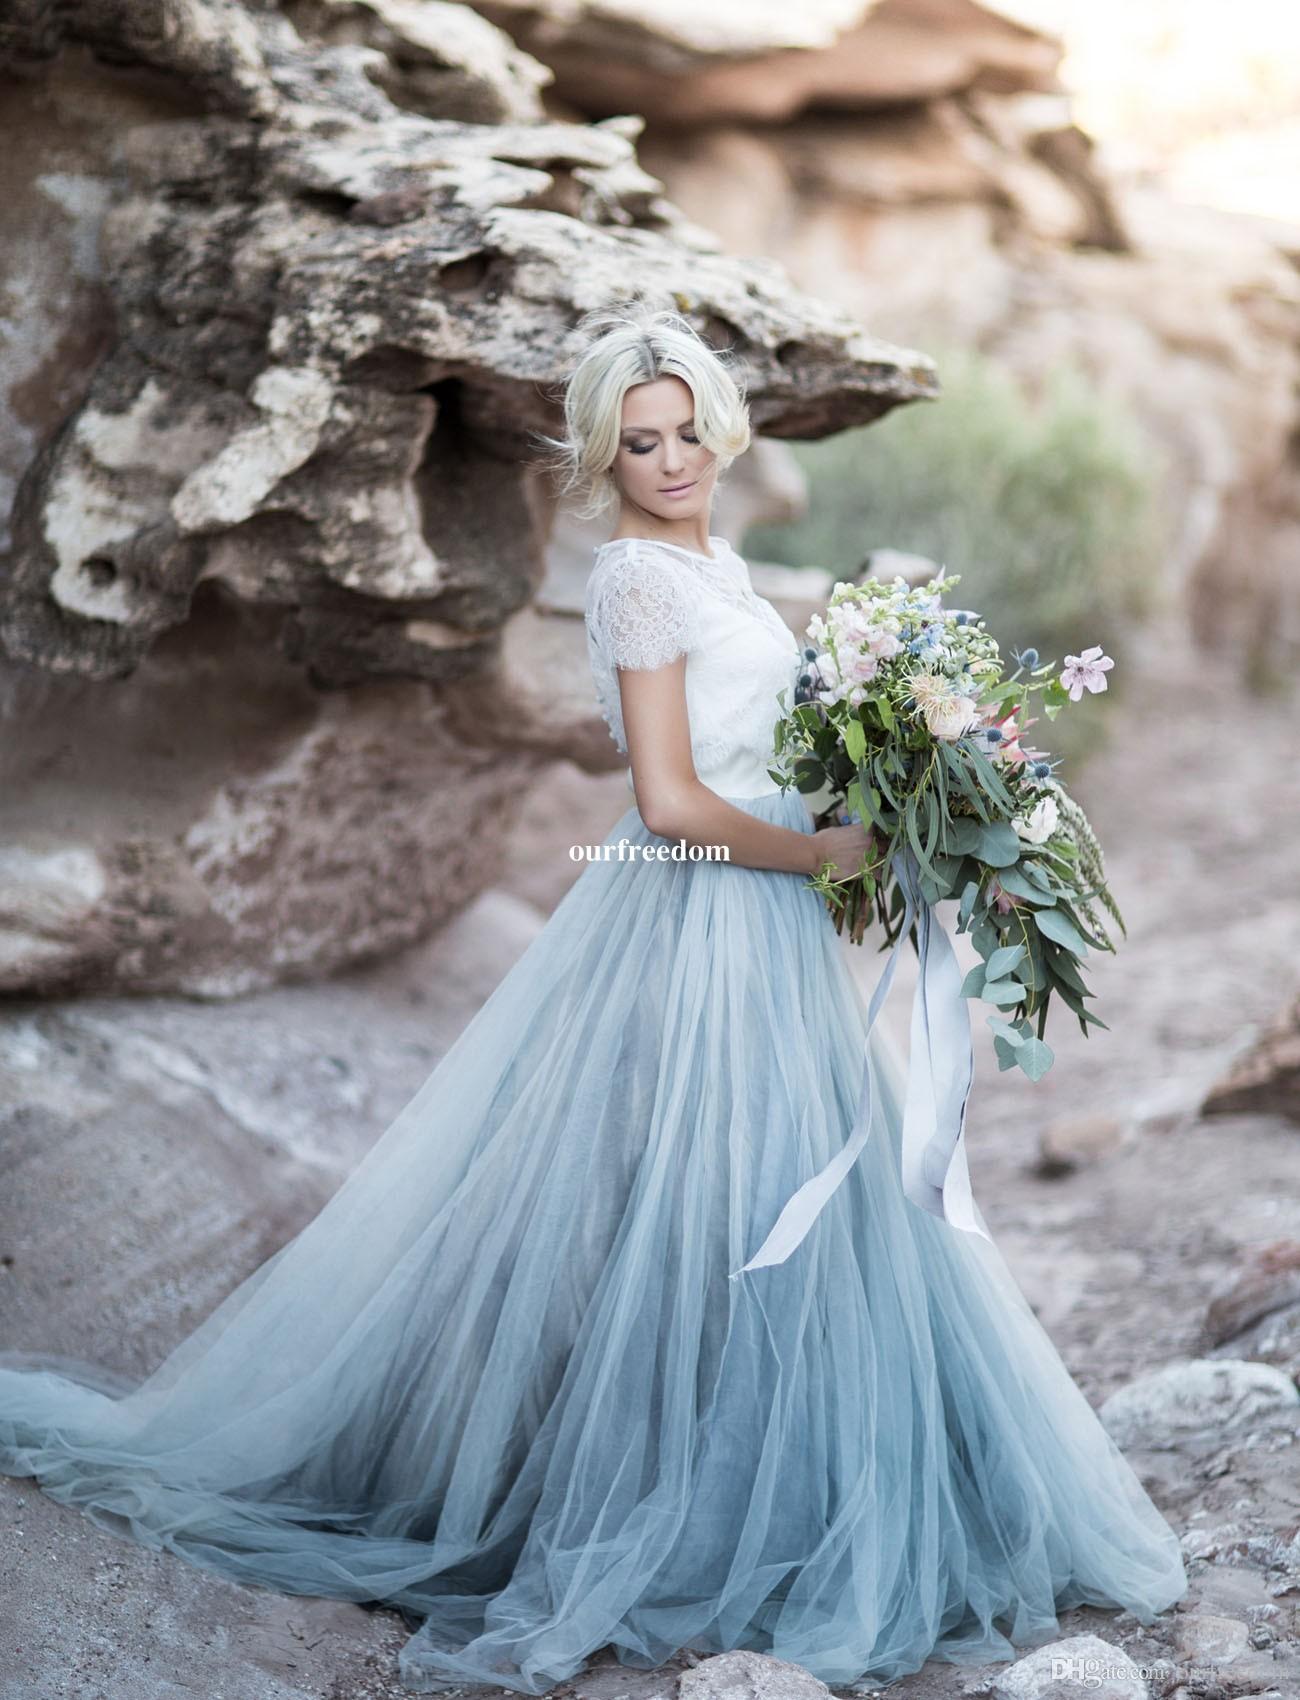 2019 Fairy Beach Boho Кружевные свадебные платья с высокой горловиной и линией из мягкого тюля и рукавами с открытой спиной Голубые юбки Плюс размер богемского свадебного платья